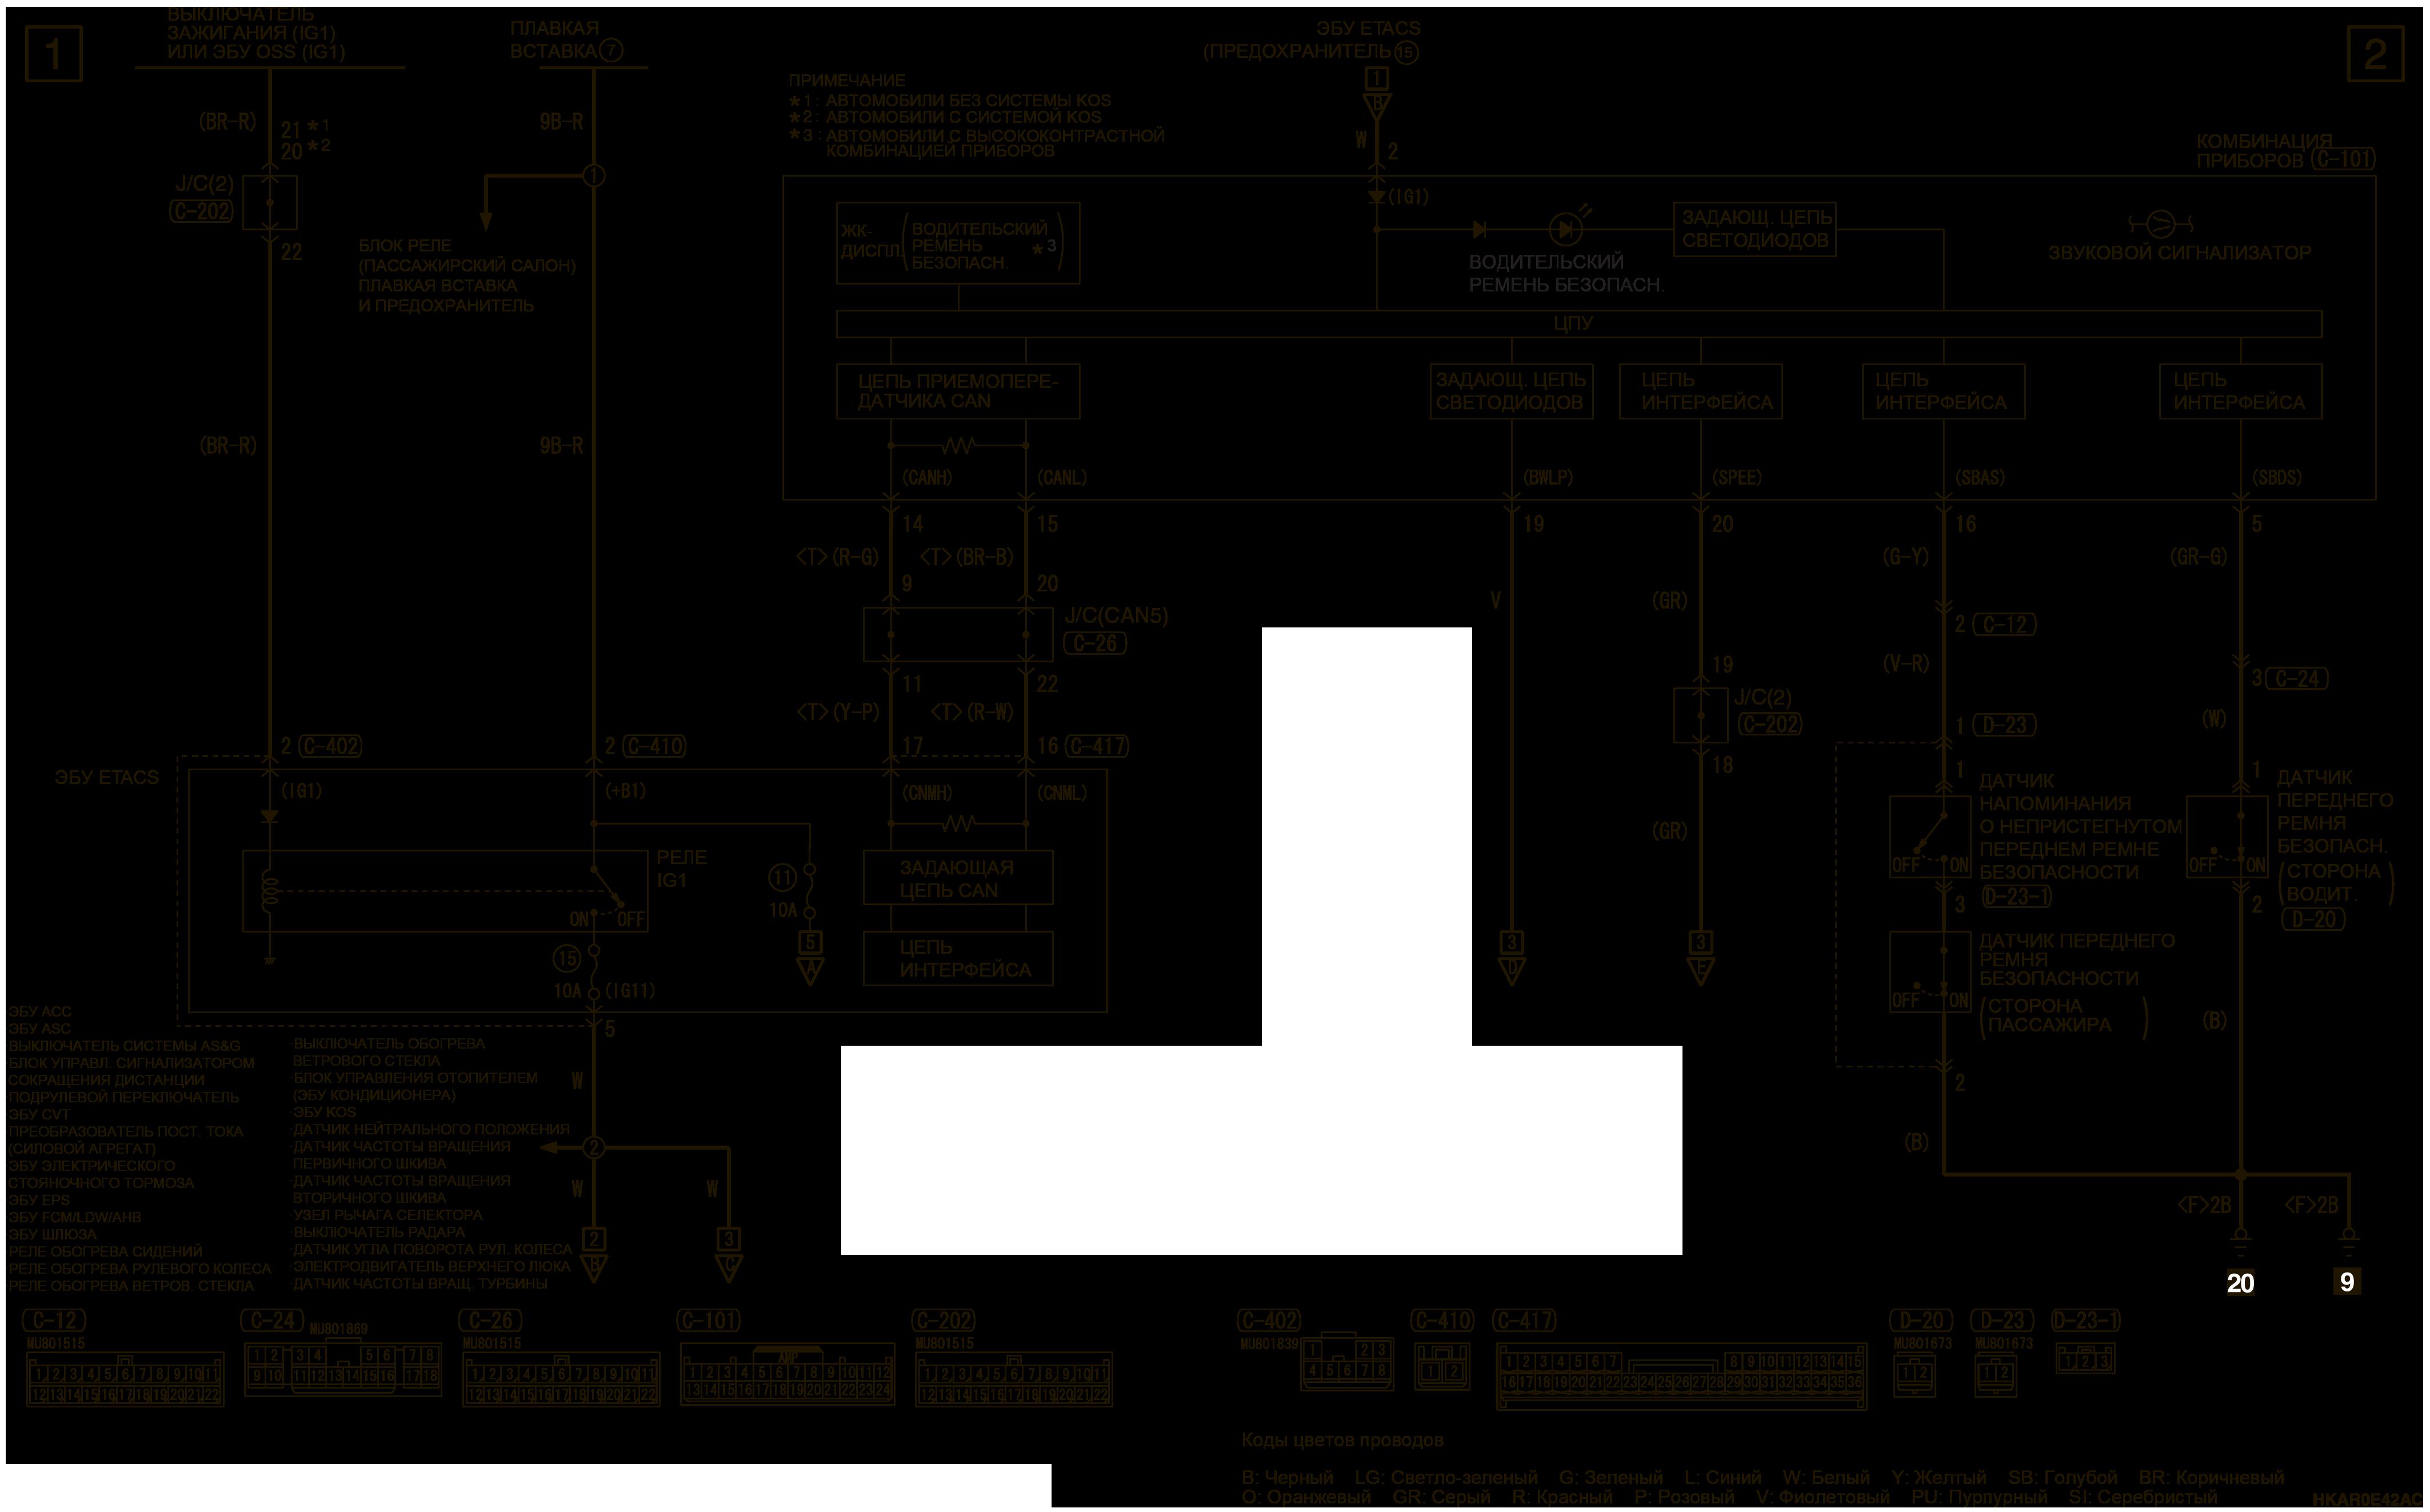 mmc аутлендер 3 2019 электросхемаСИГНАЛИЗАТОР РЕМНЯ БЕЗОПАСНОСТИ АВТОМОБИЛИ ДЛЯ ЕВРОПЫ (ЛЕВОСТОРОННЕЕ УПРАВЛЕНИЕ)